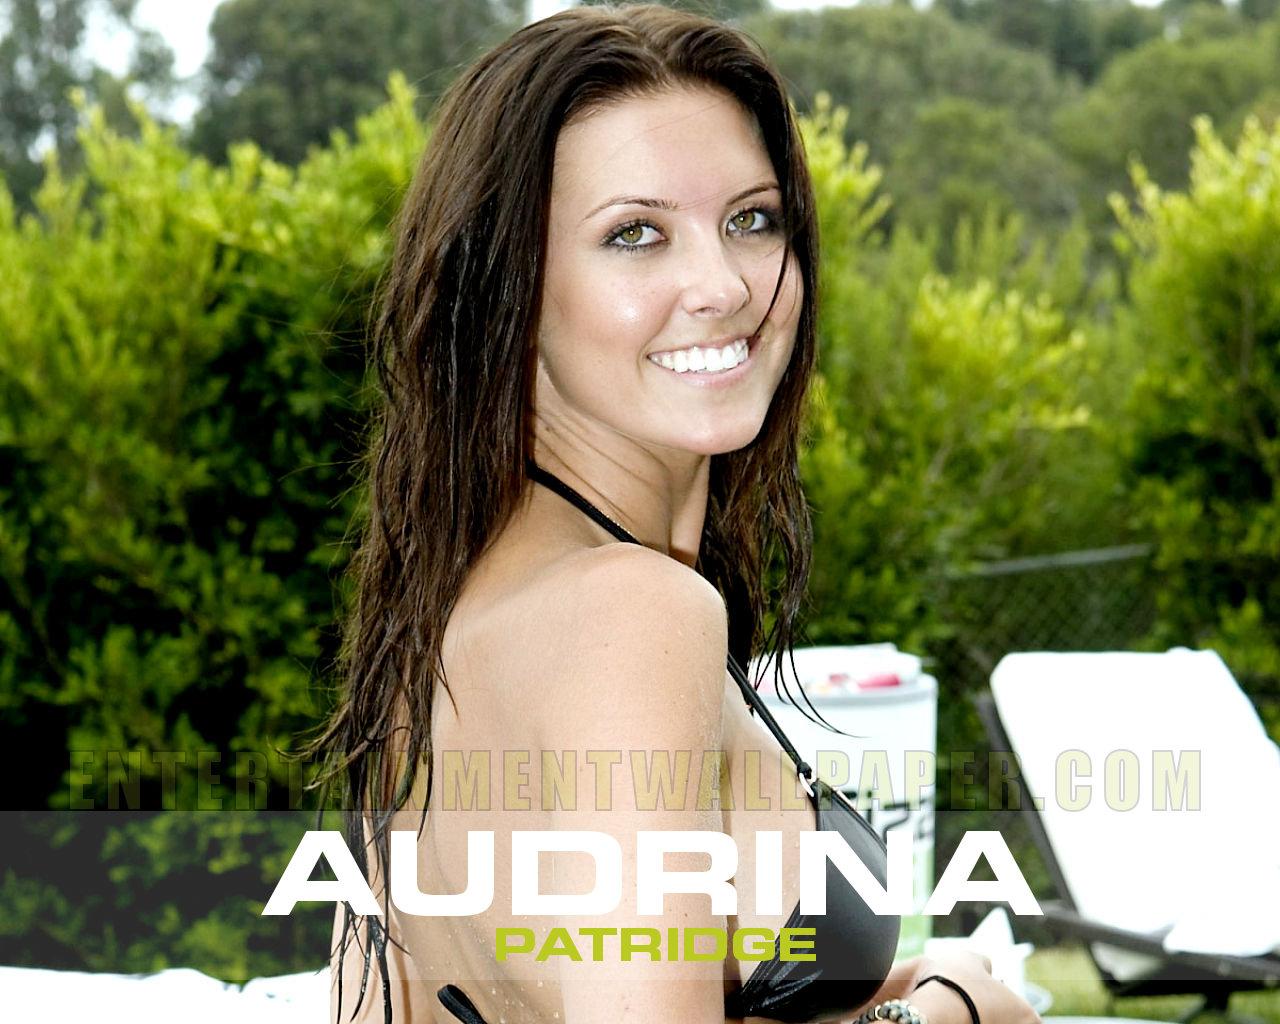 http://4.bp.blogspot.com/-AXVbedIvJB4/T1TfHg4r3QI/AAAAAAAAFjM/SJNx-_r_UpA/s1600/audrina_patridge05.jpg